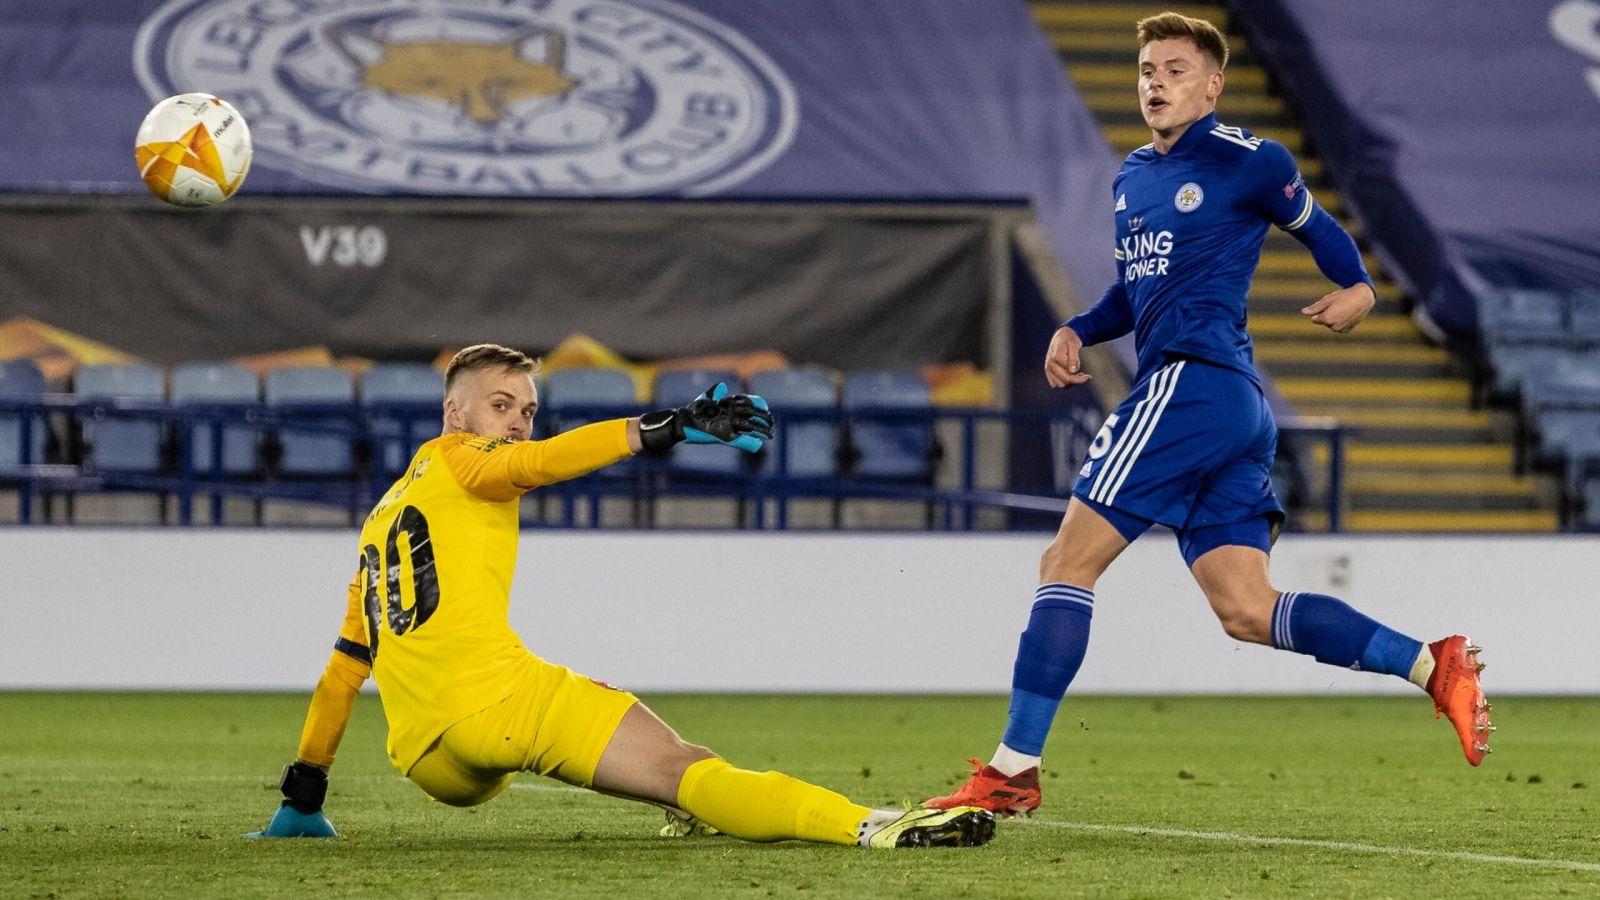 Soi kèo Leicester vs AEK Athens, 03h00 ngày 11/12, Cúp C2 châu Âu